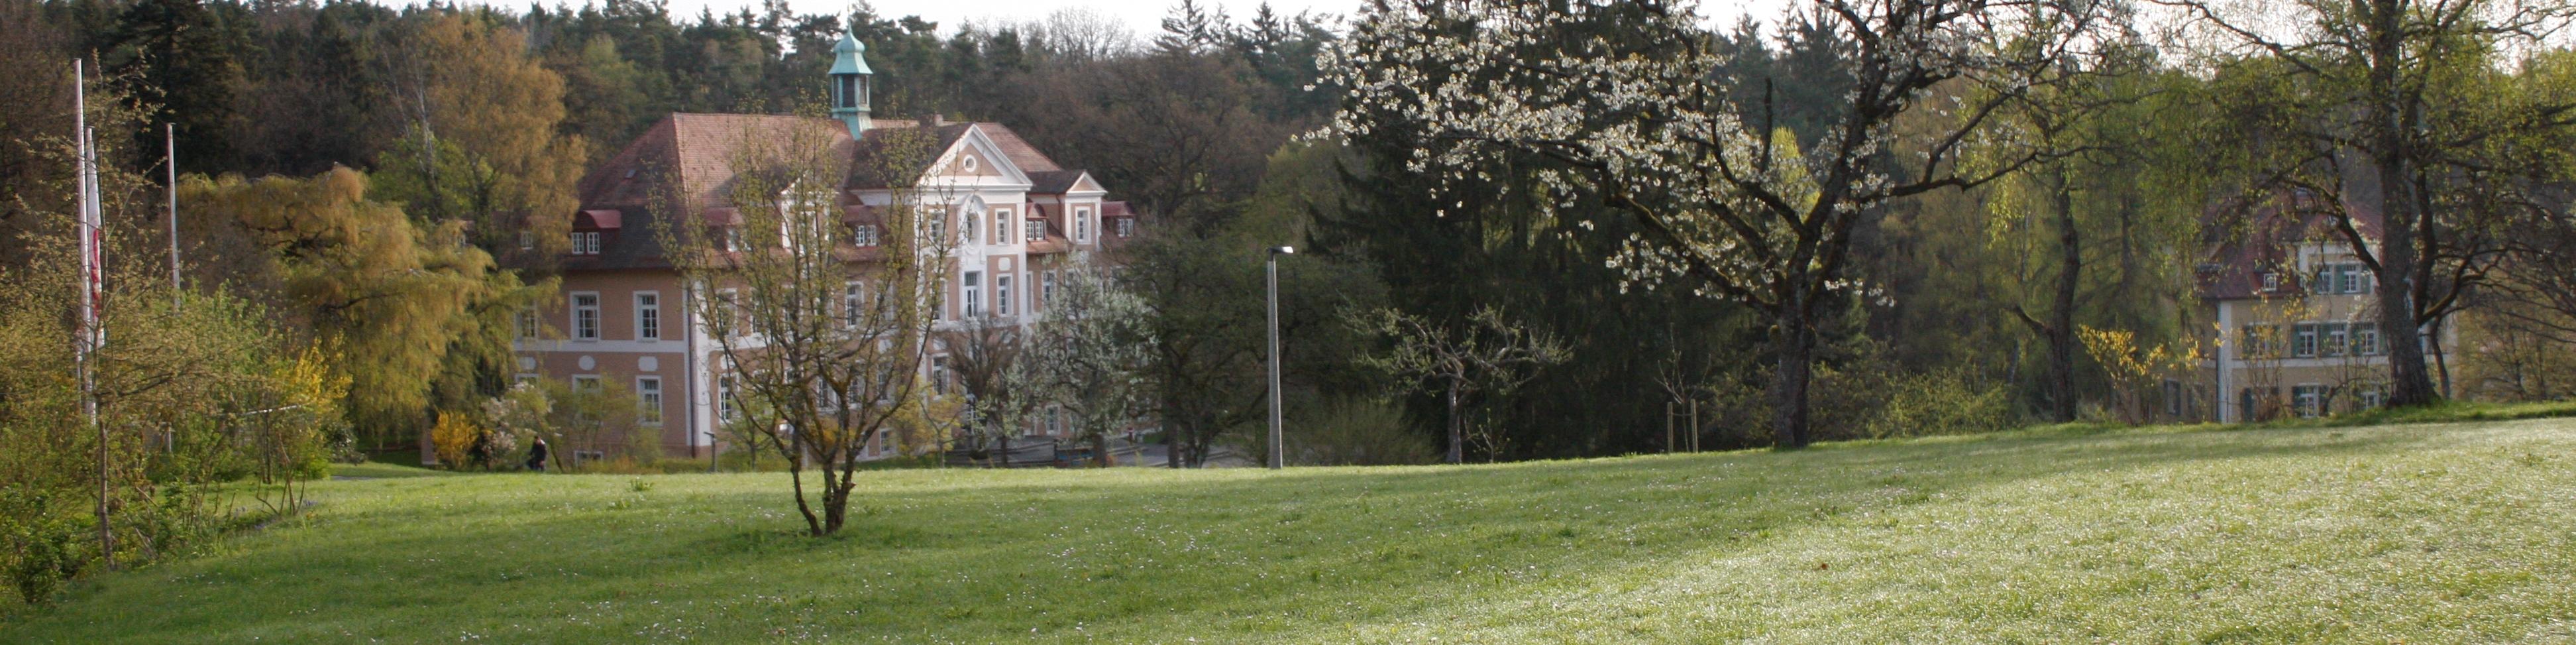 Rummelsberg im Frühling